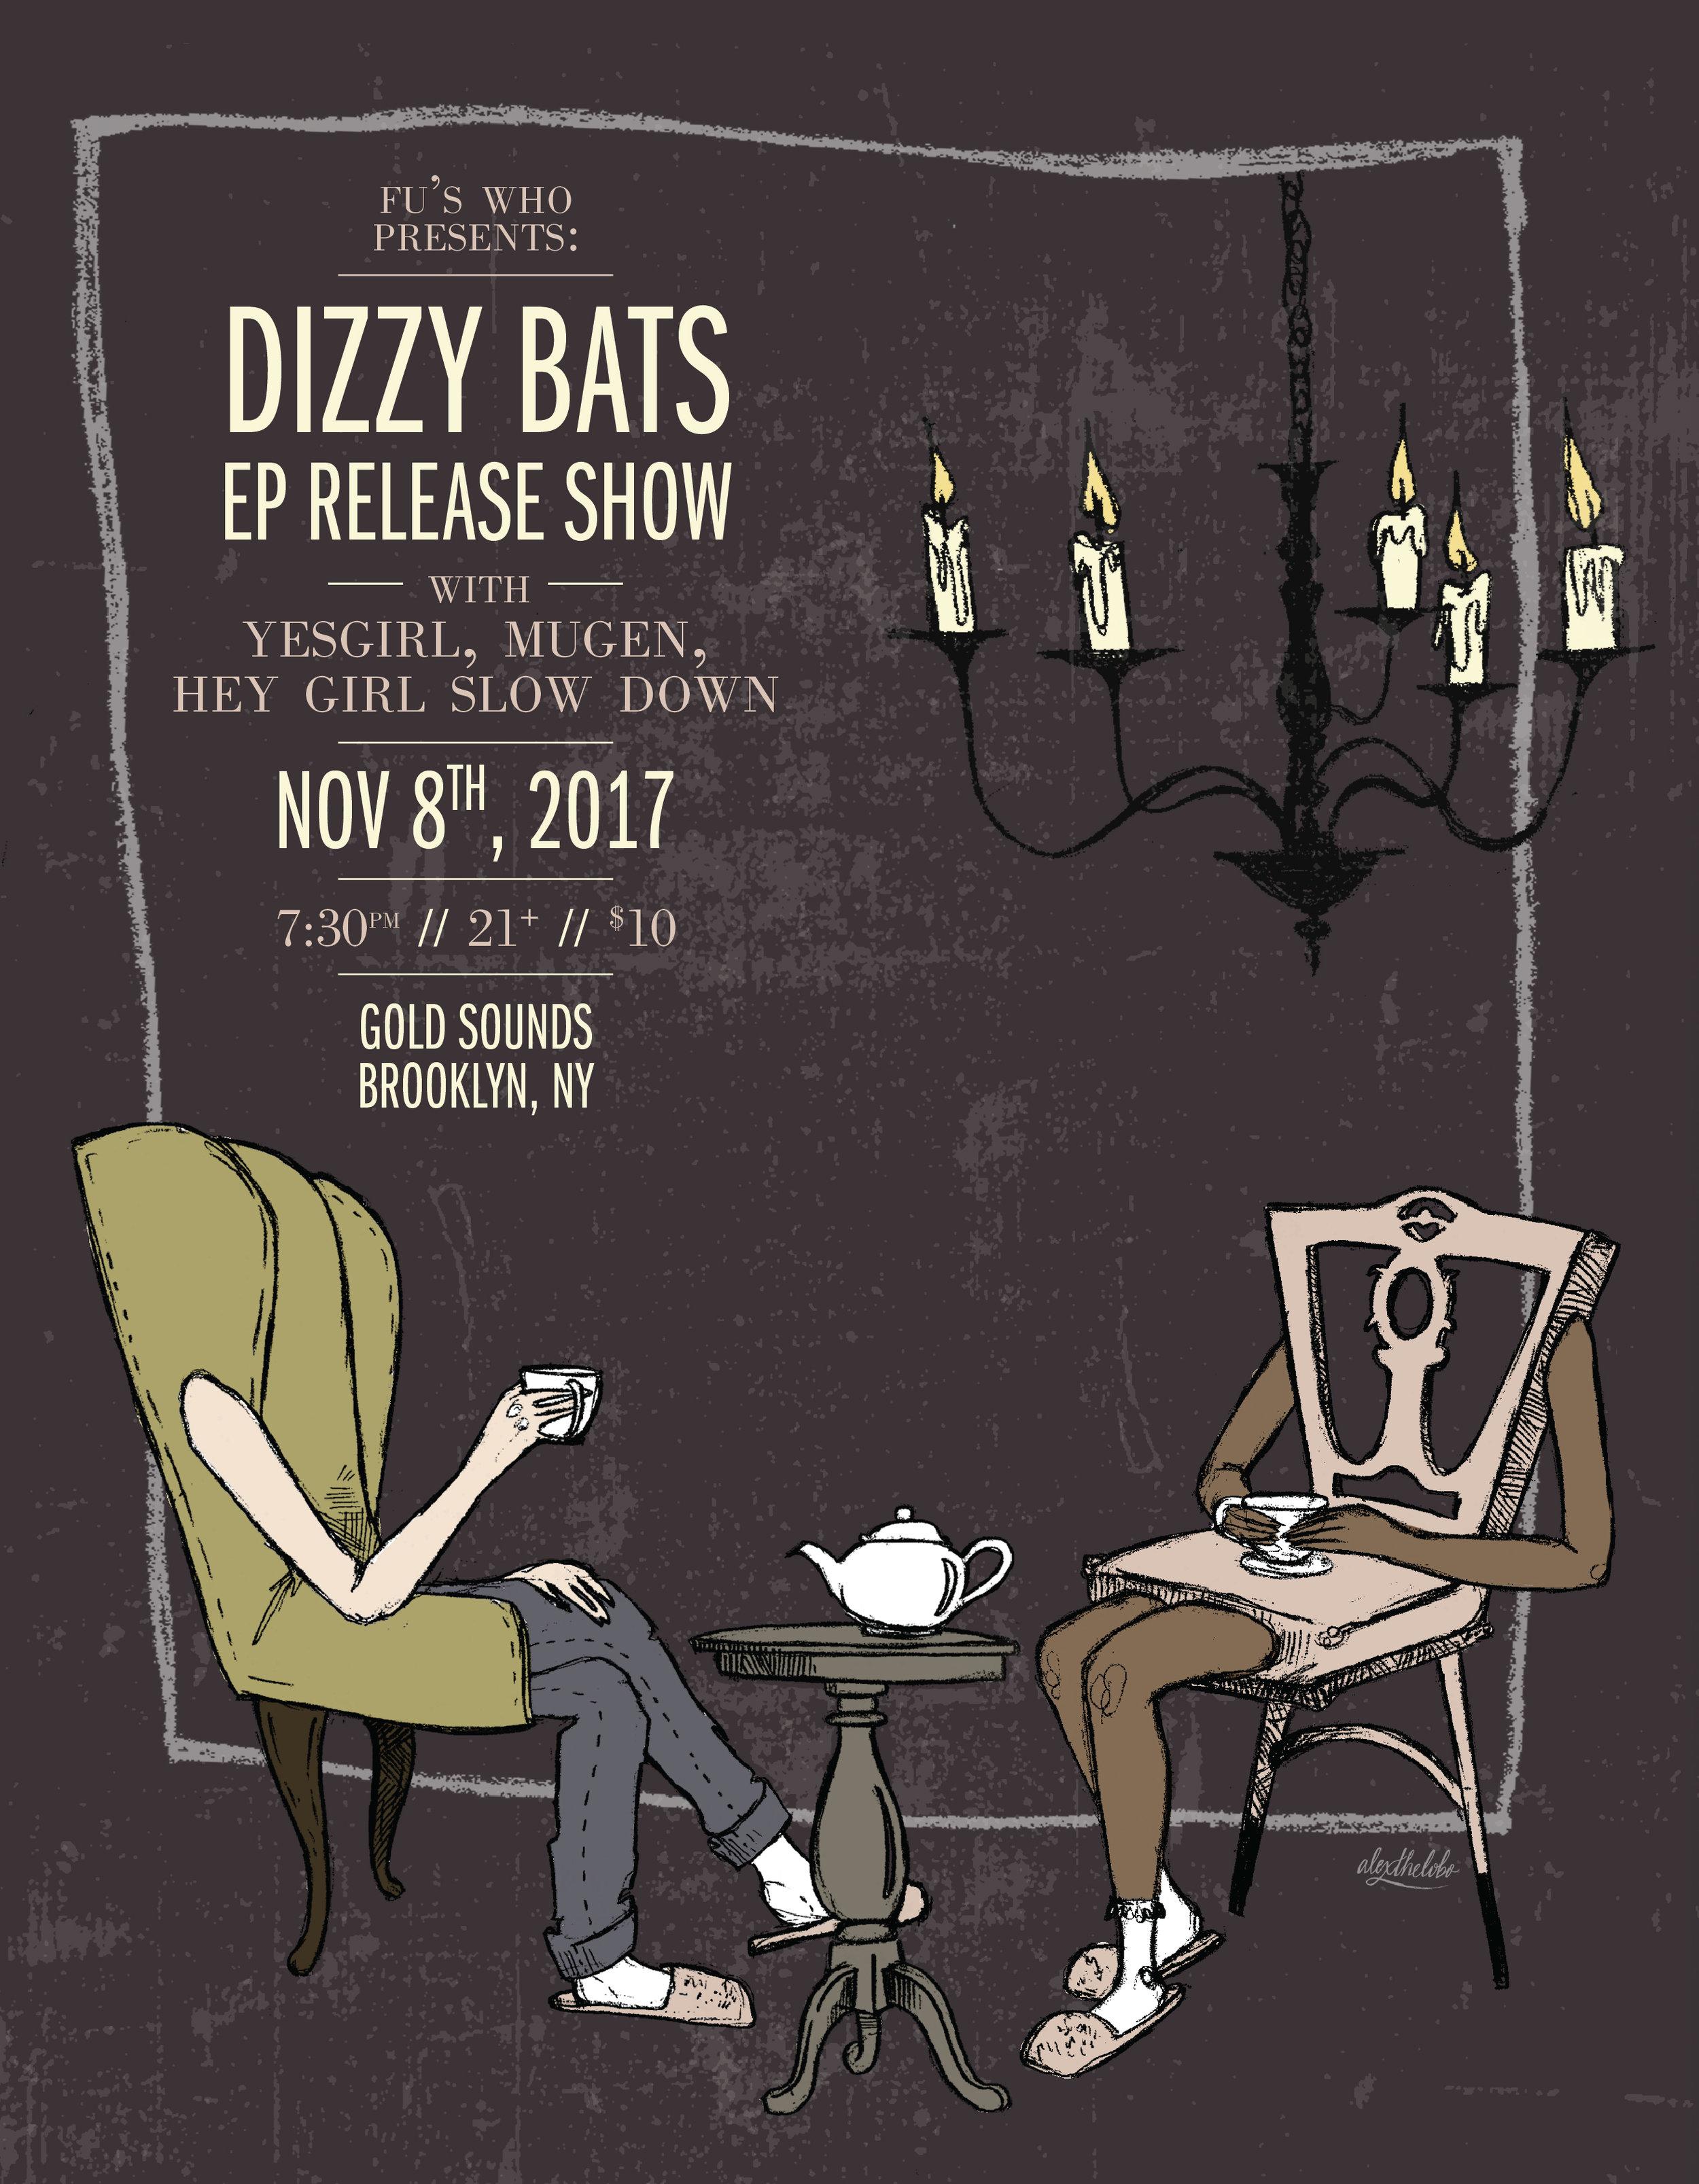 dizzybats-ep-release-show.jpg